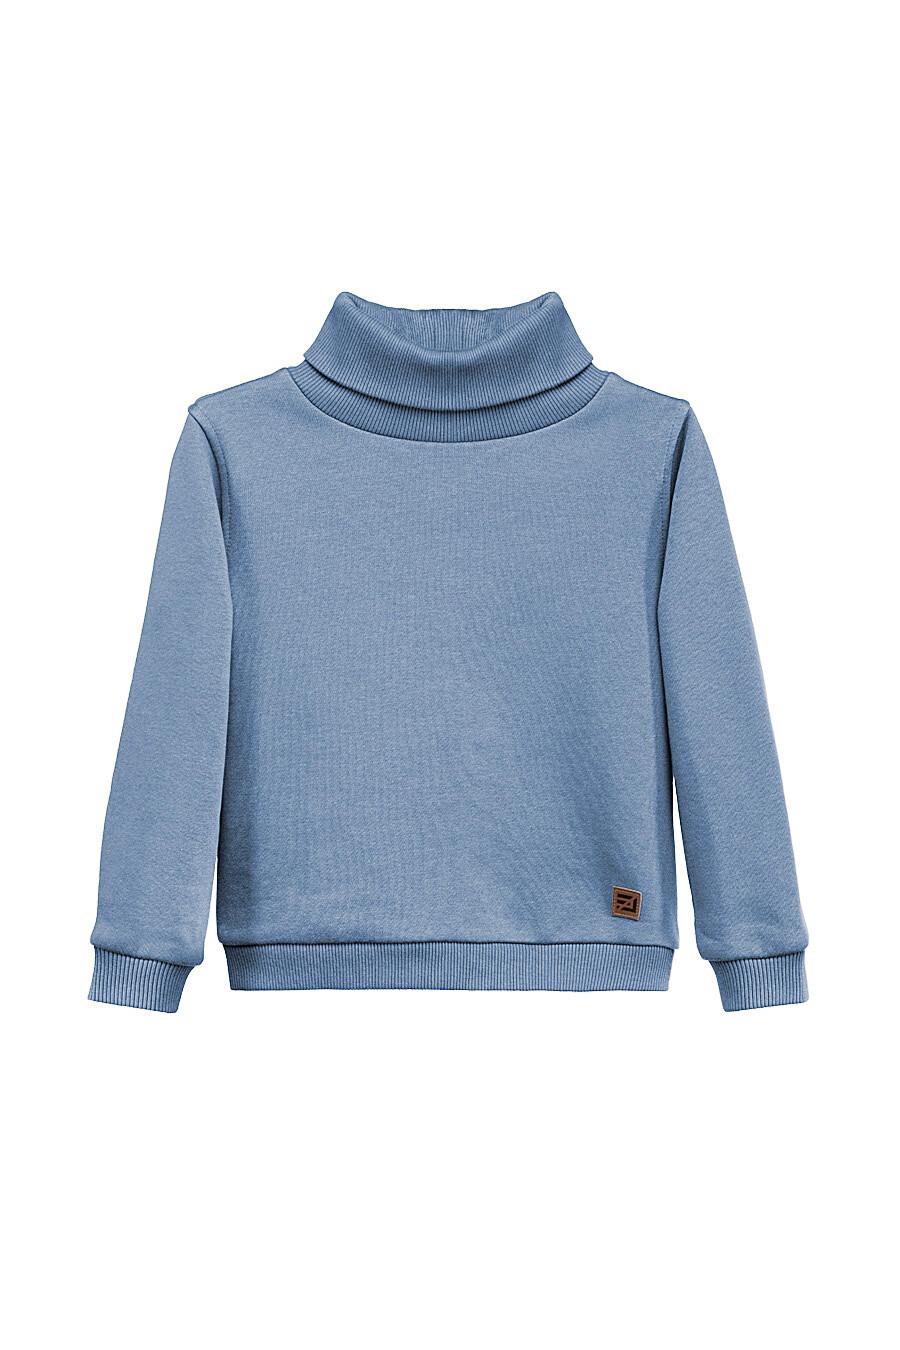 Водолазка для мальчиков EZANNA 649339 купить оптом от производителя. Совместная покупка детской одежды в OptMoyo